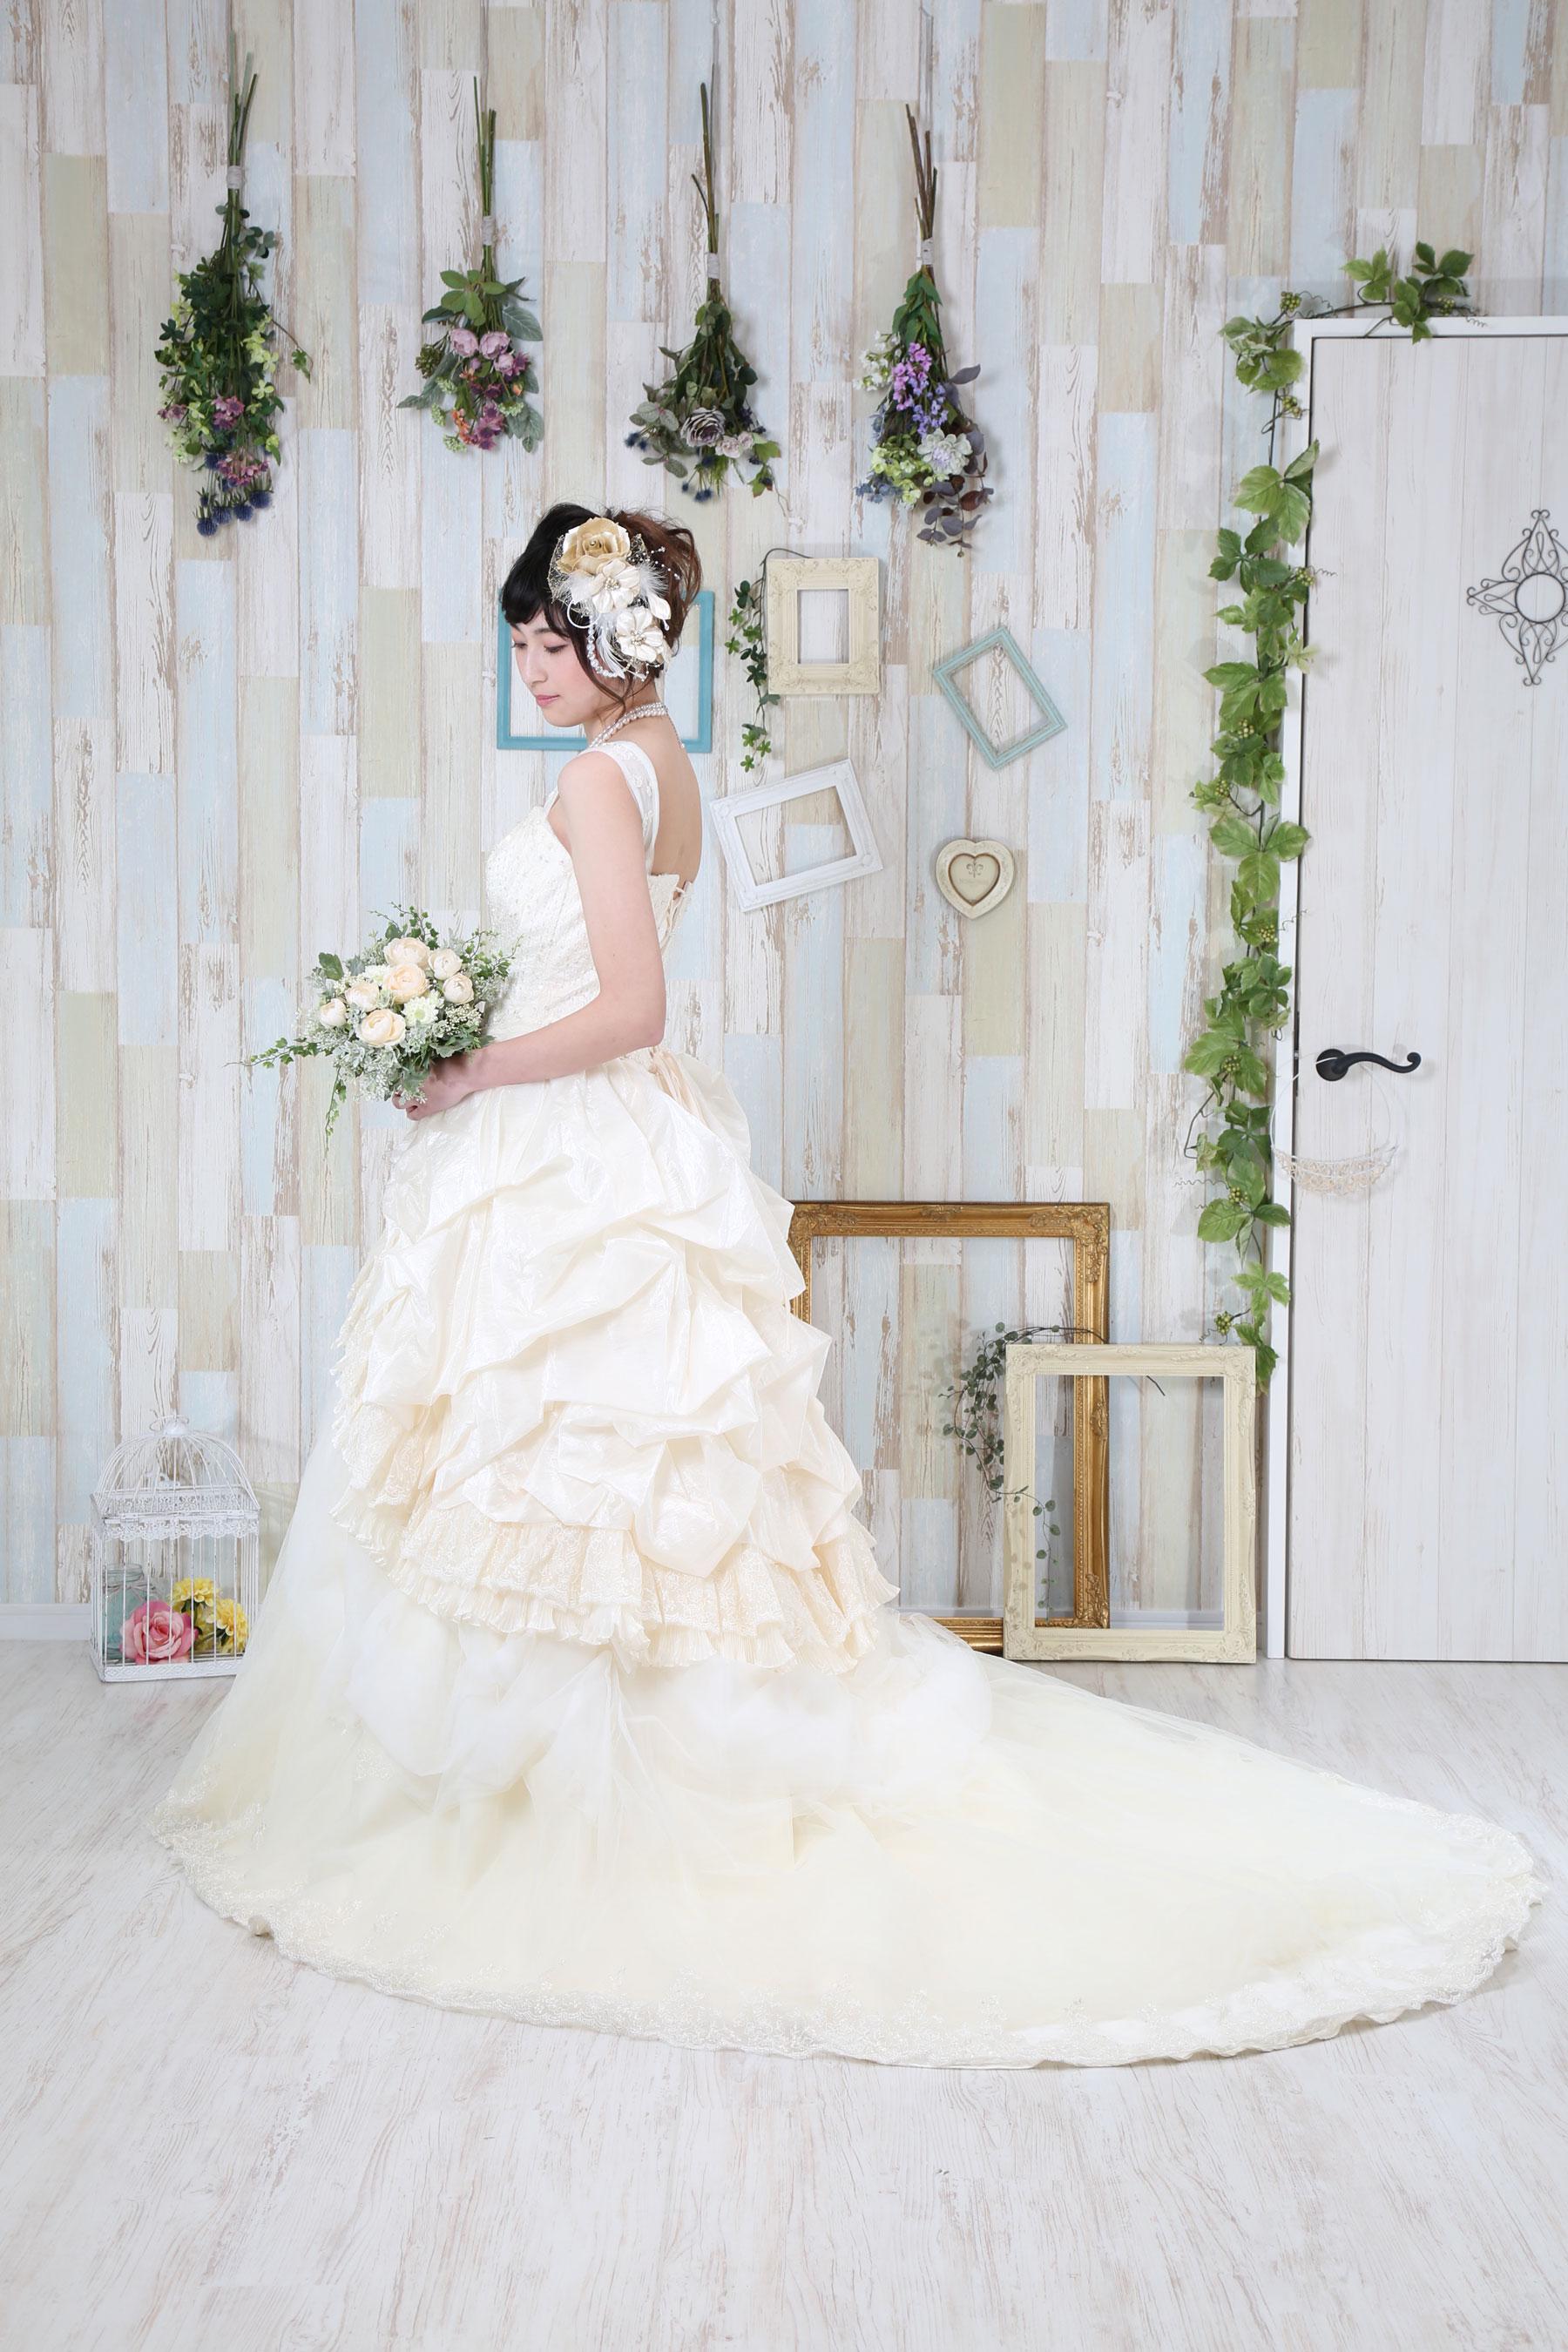 ★20180211-ドレス衣装撮影_099